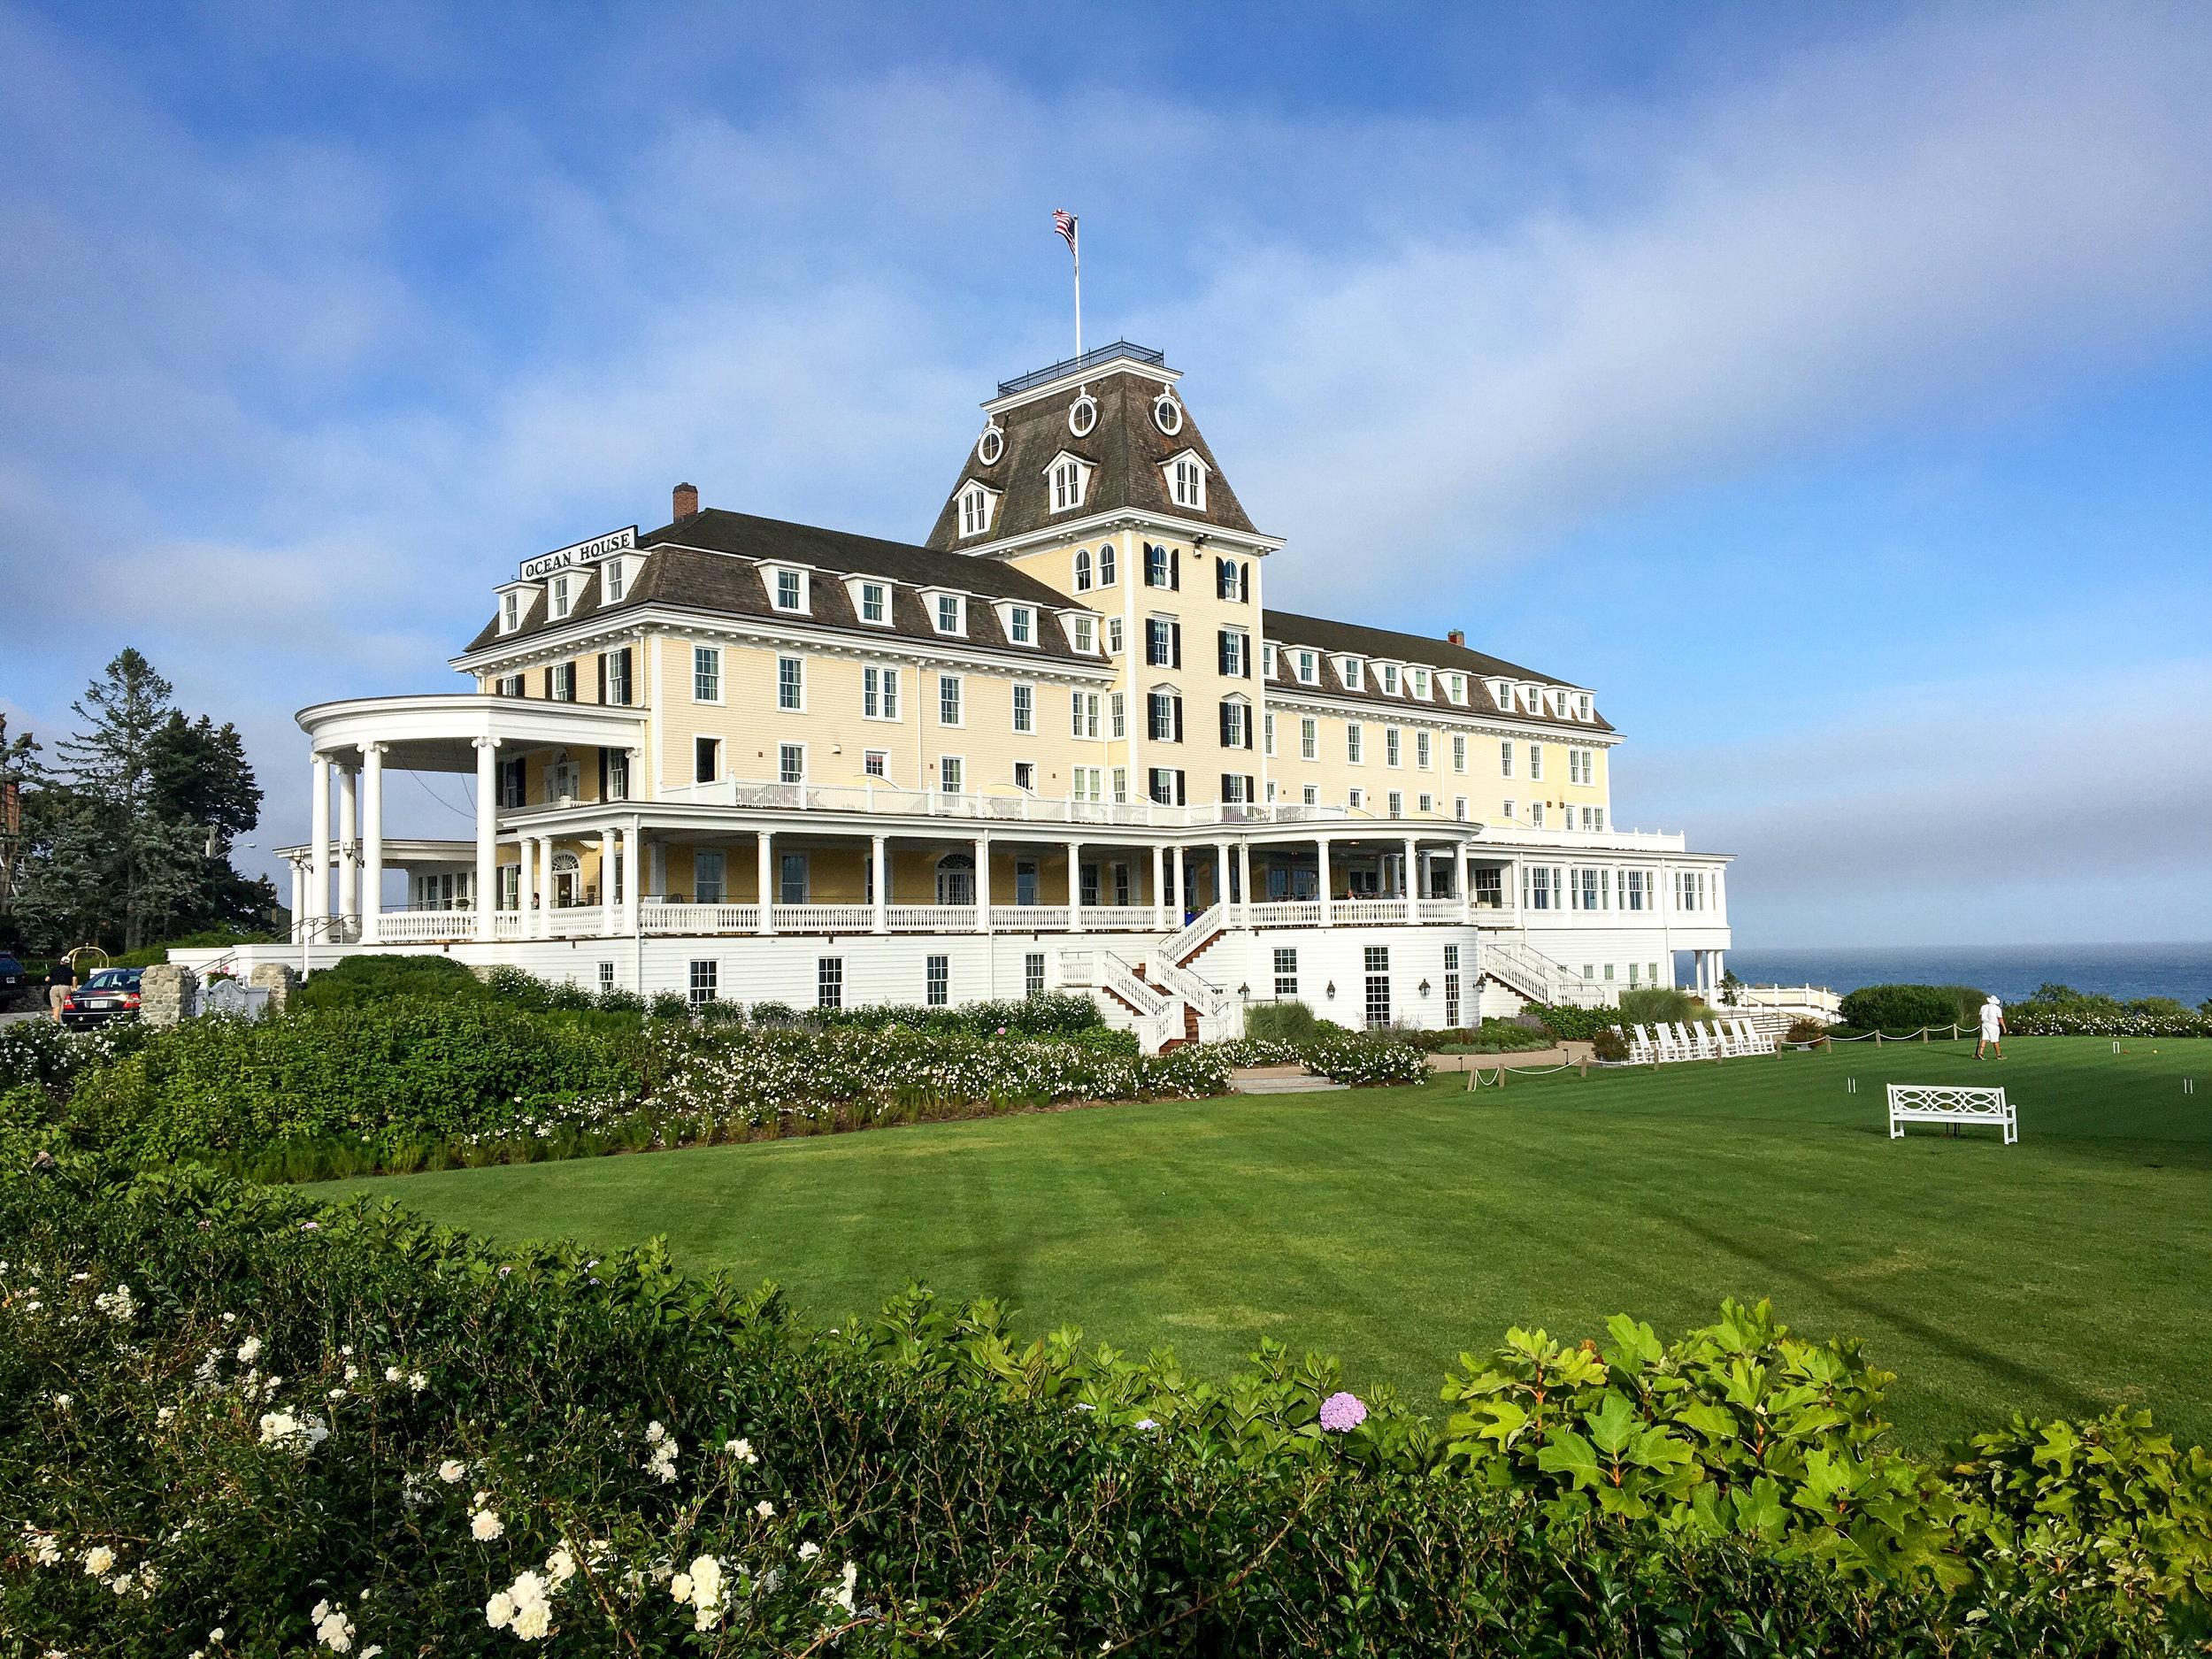 Ocean House / Watch Hill, RI / USA